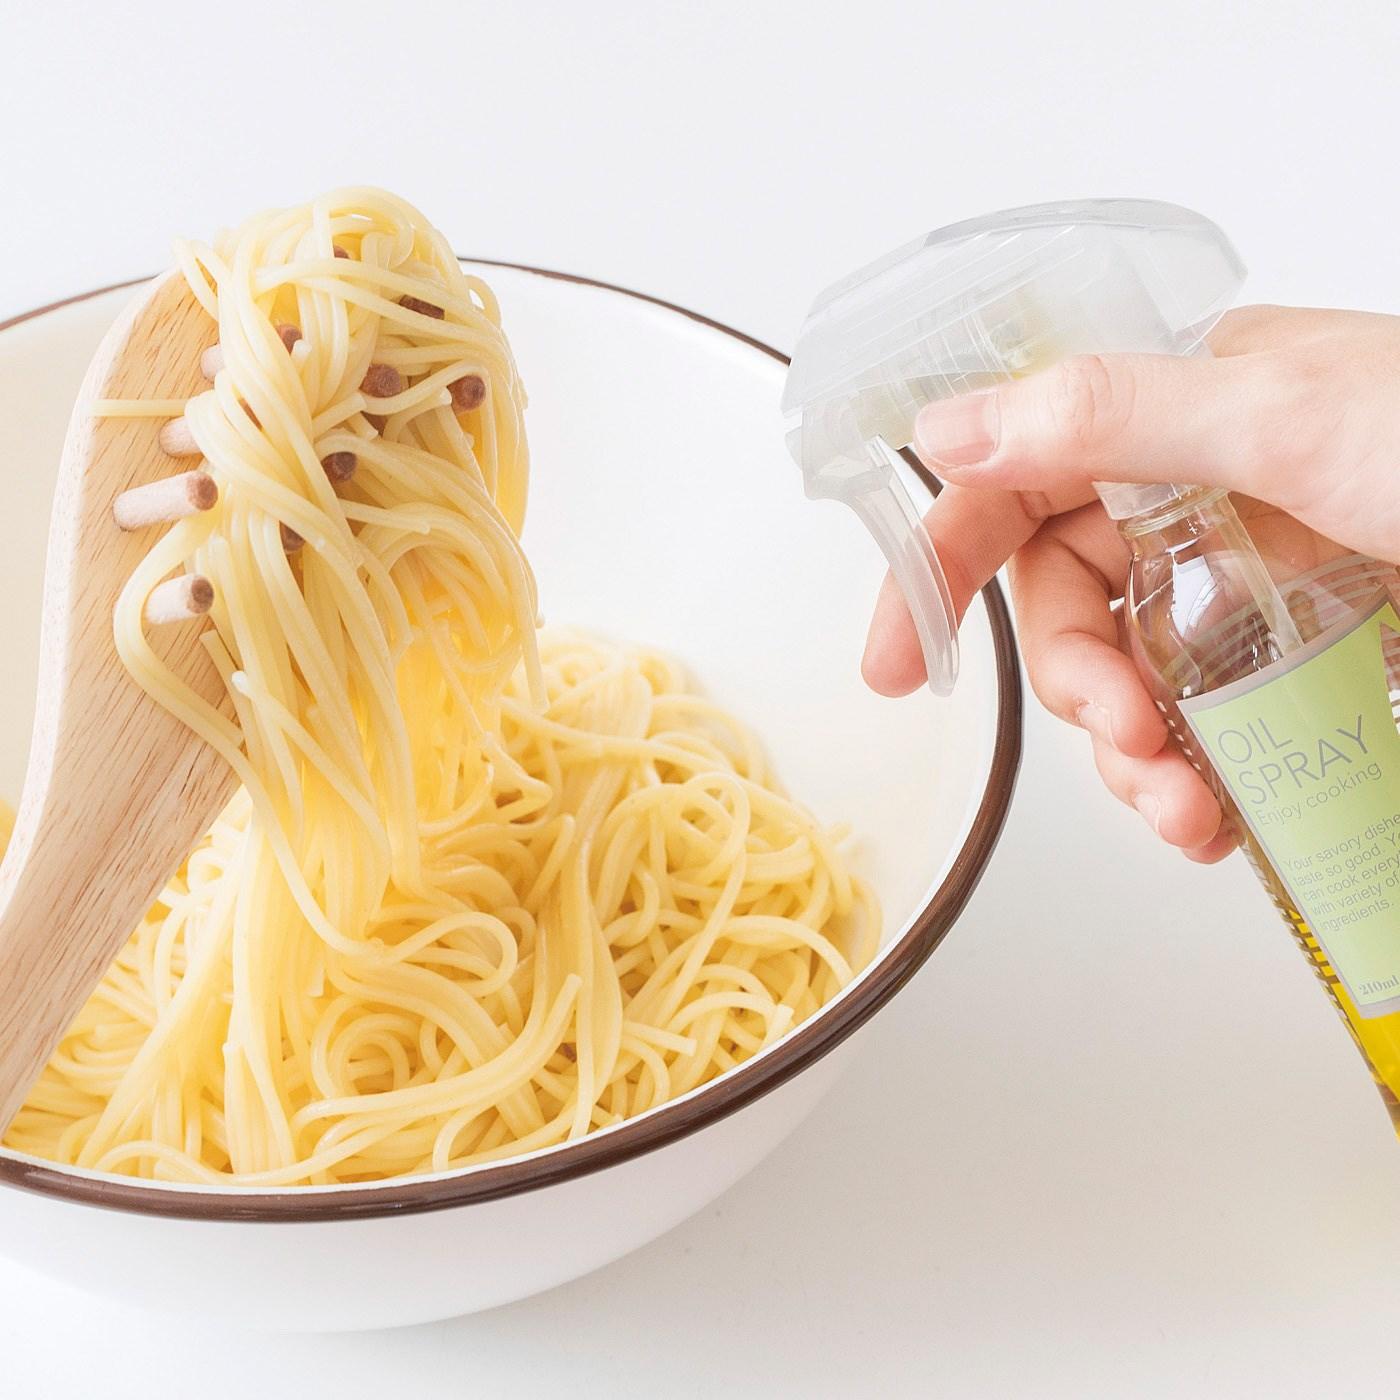 パスタにオリーブオイルを絡めるのにも便利。